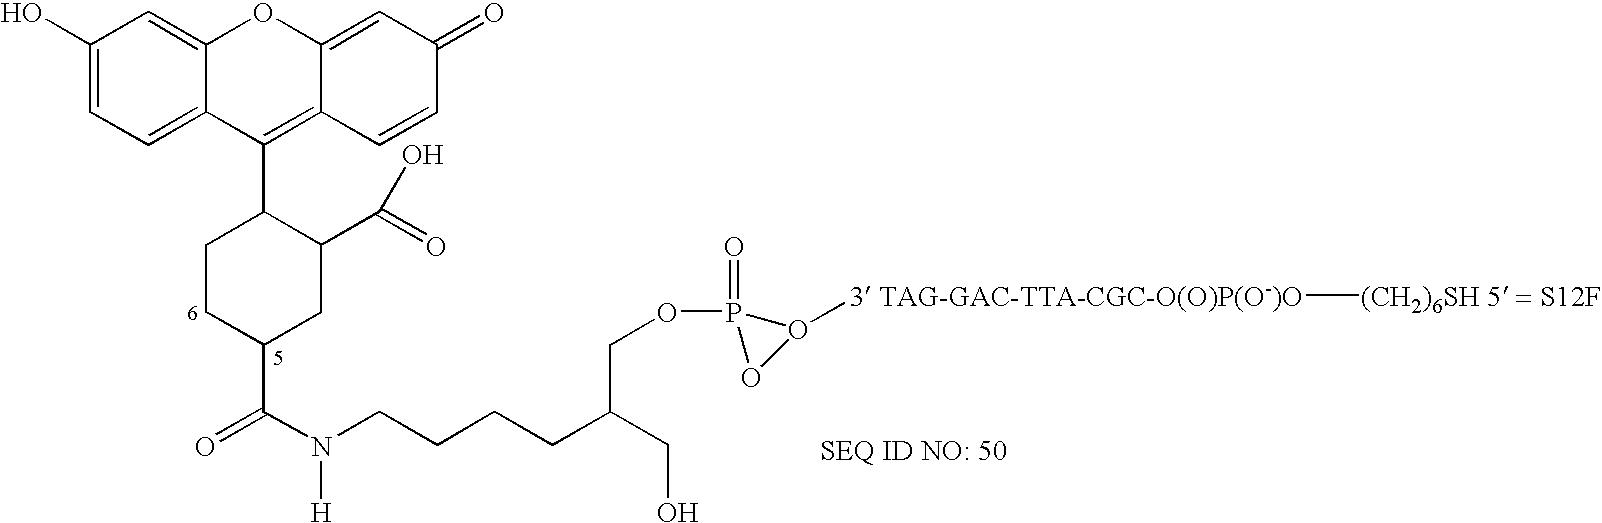 Figure US07250499-20070731-C00001